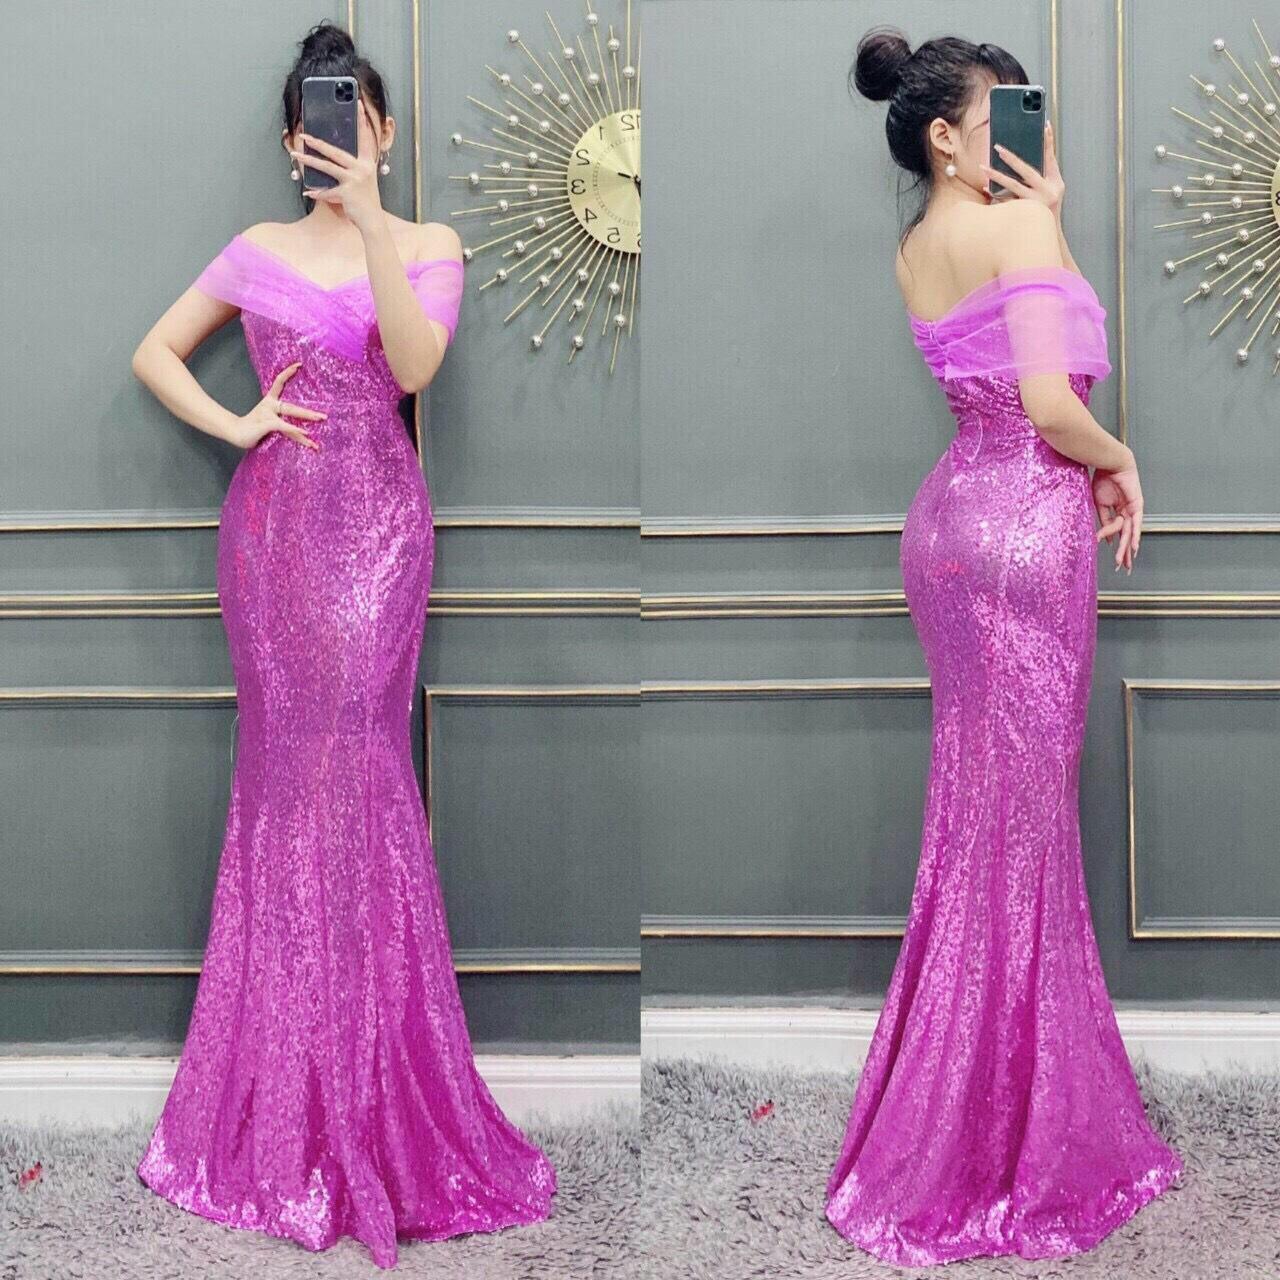 Đầm dạ hội kim sa trễ vai quyến rũ sang trọng